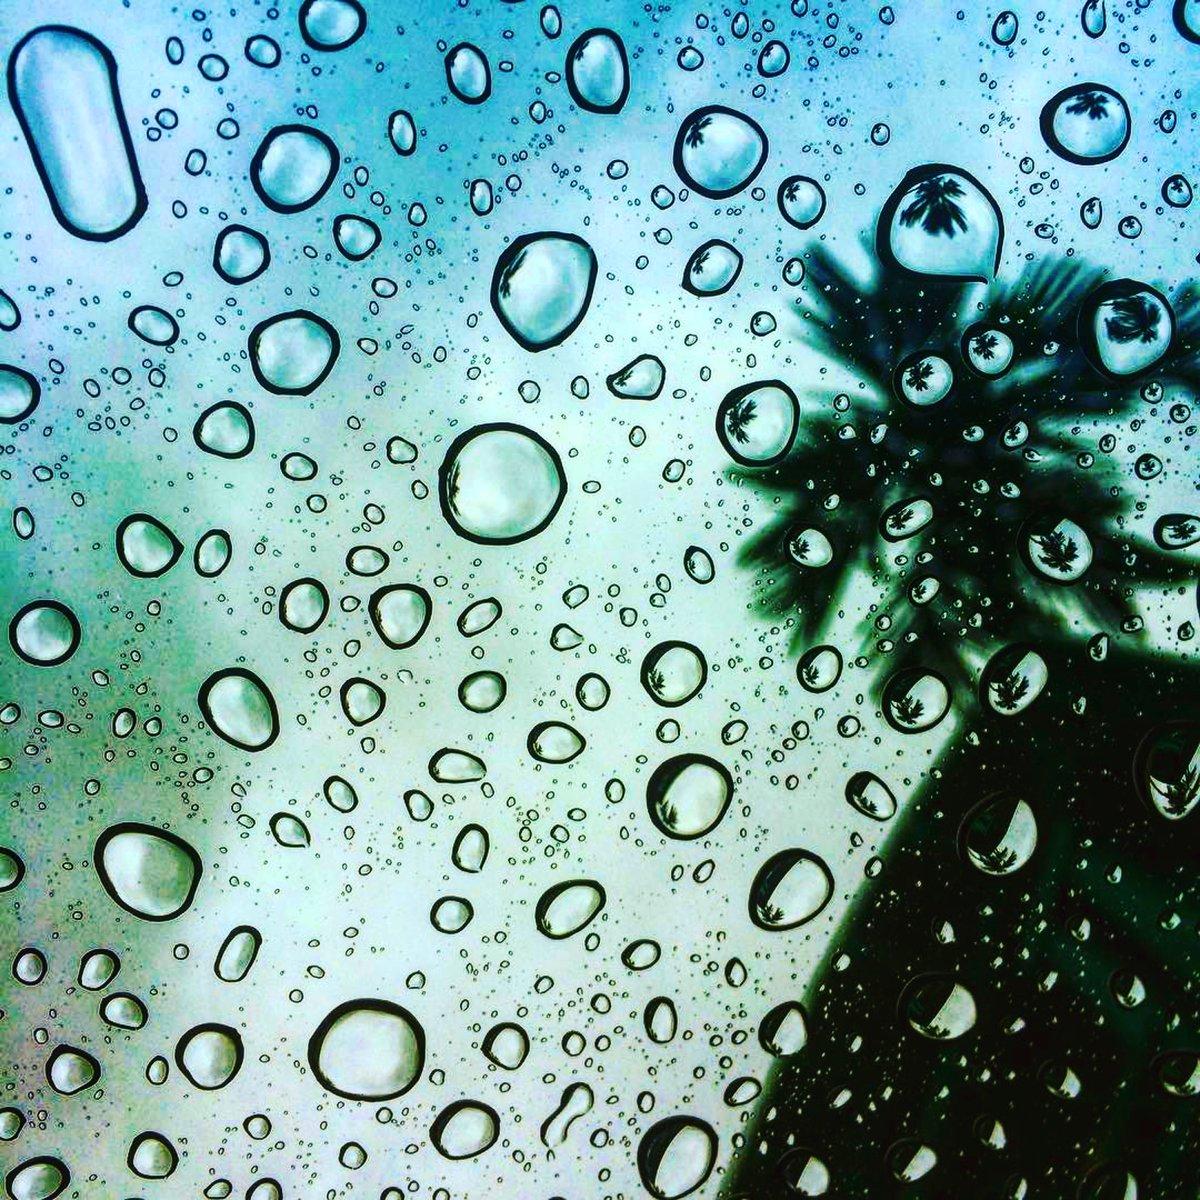 Que tengan feliz domingo. Les saludo desde la nublada y lluviosa Miami.